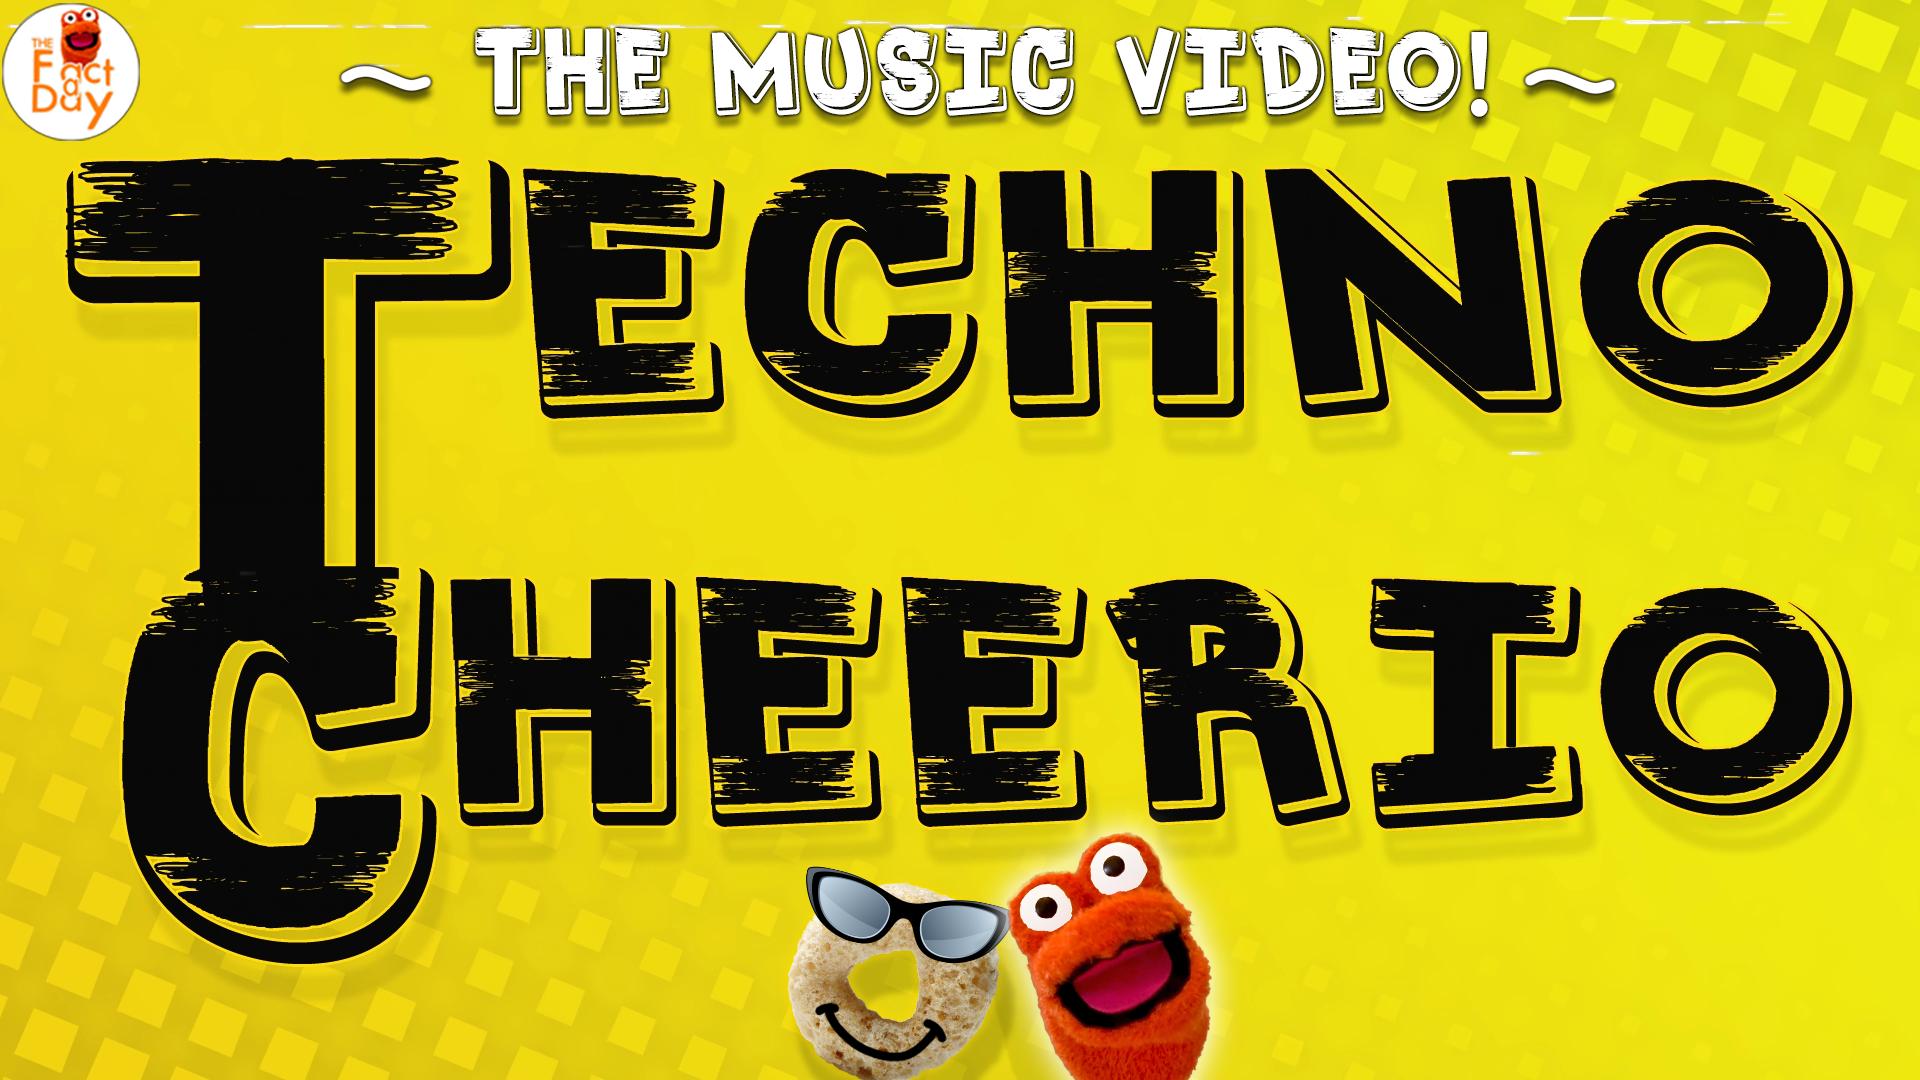 CamBomb – Techno Cheerio ( The Fact a Day Album )